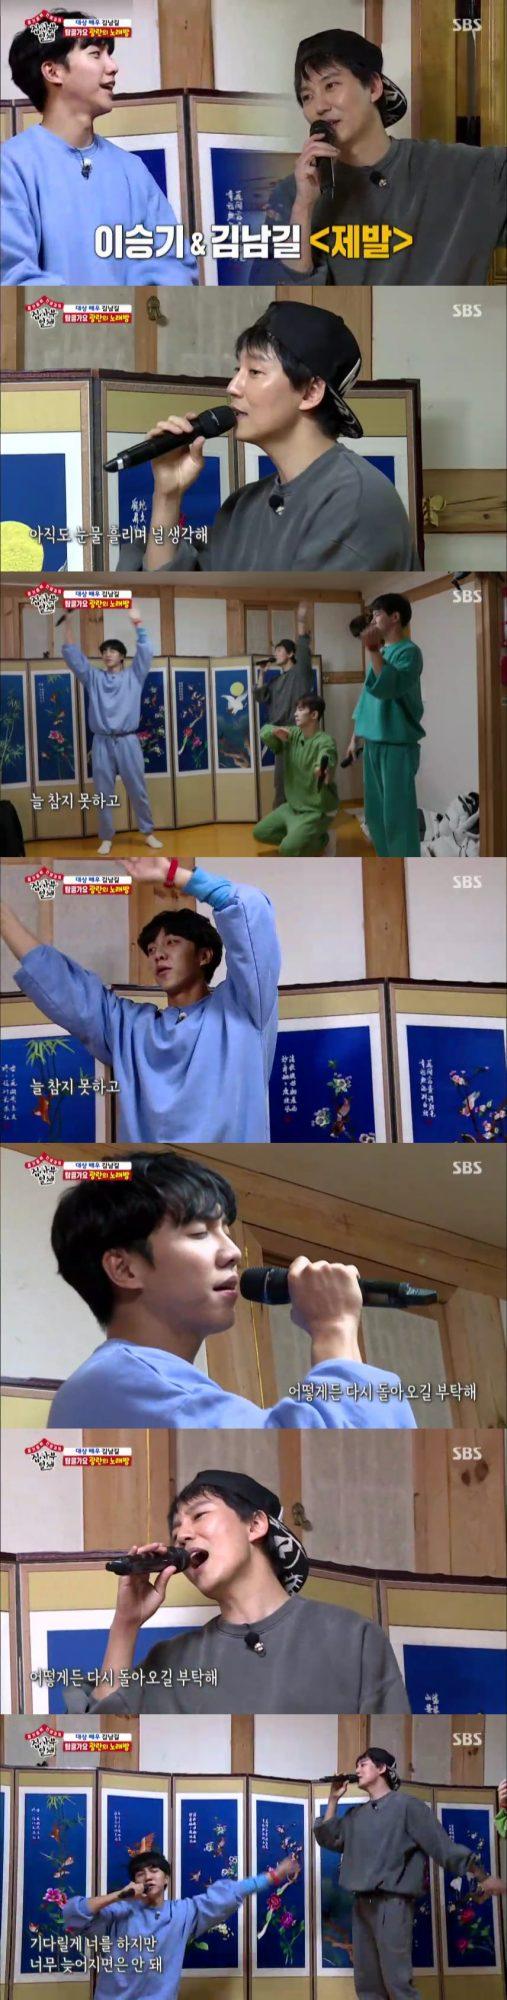 '집사부일체' 김남길, 이승기 / 사진=SBS 방송화면